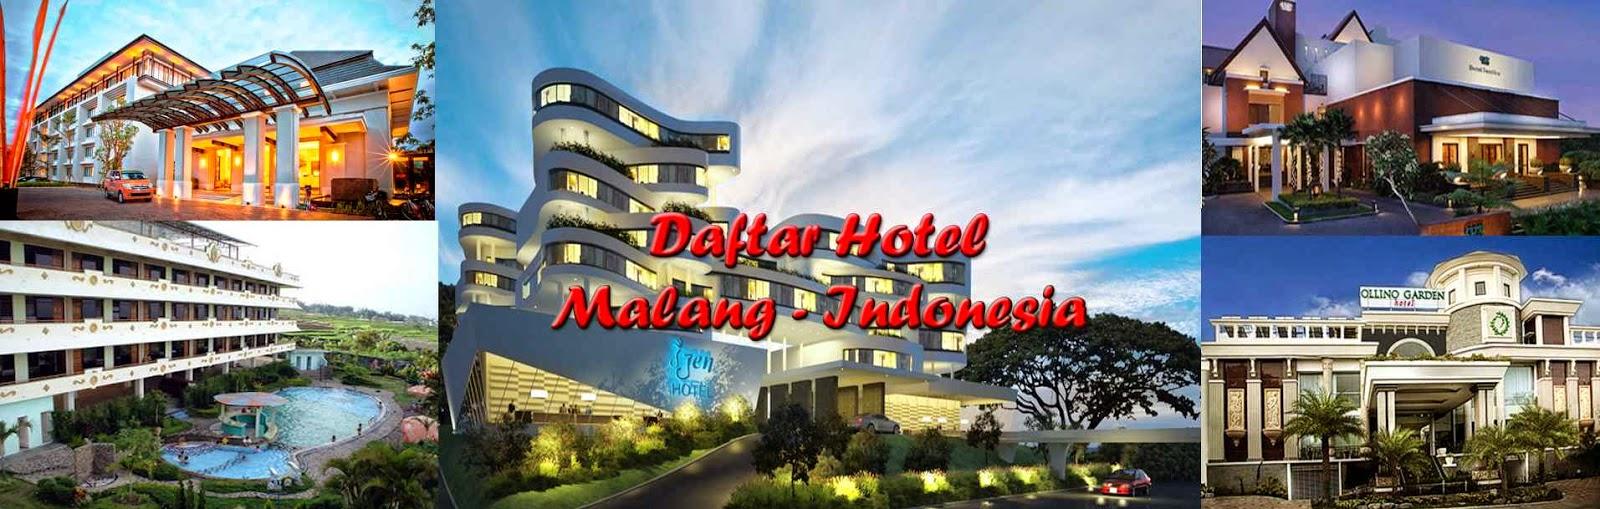 Daftar Lengkap Nama, Alamat, Nomor Telepon dan Tarif Hotel di Malang Jawa Timur